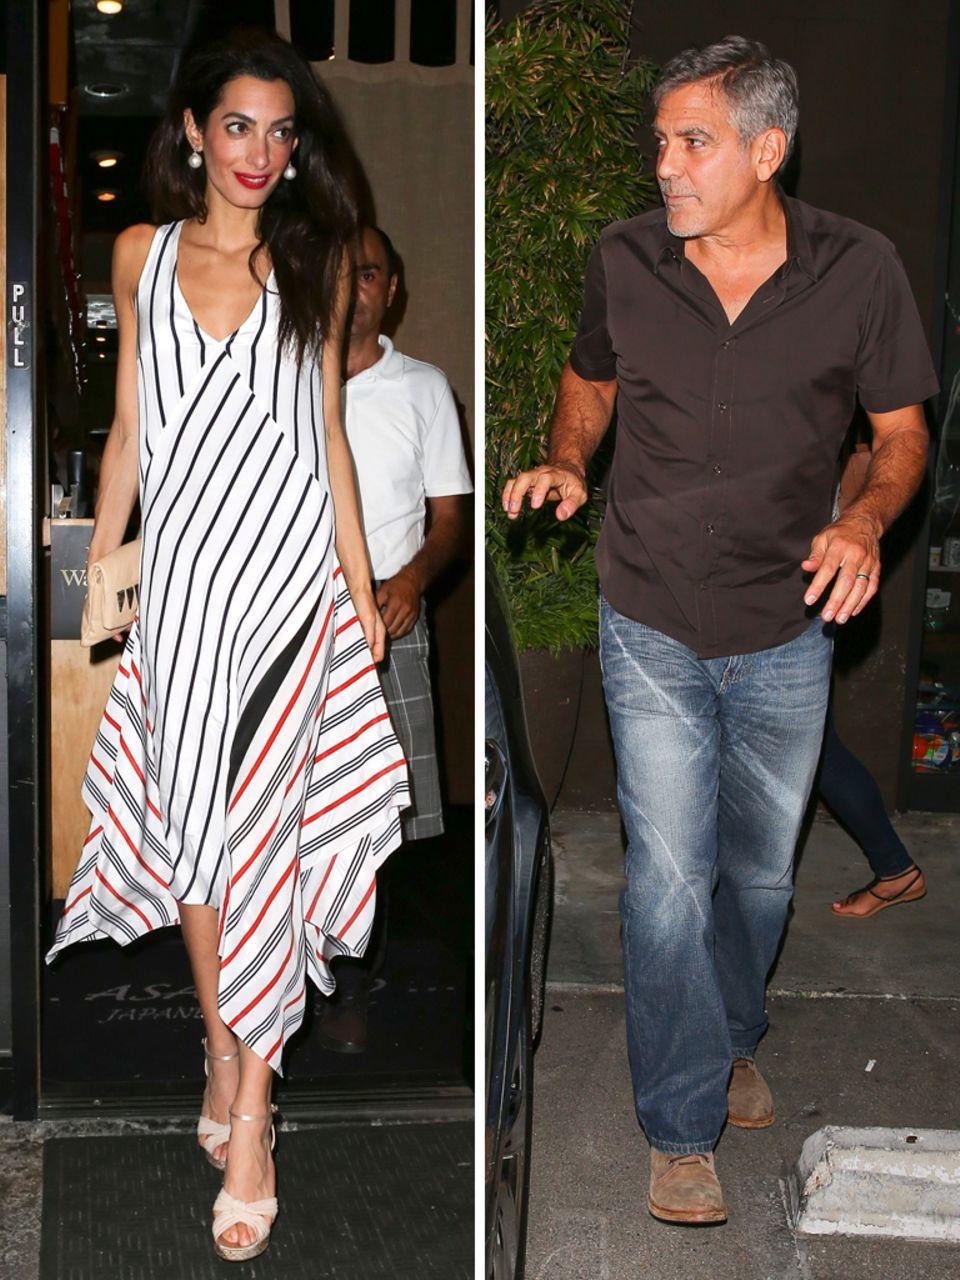 Während Amal Clooney in einem tollen Outfit beim Dinnerdate überzeugt, hält sich George bei seiner ersten Hochzeitstagfeier modisch eher zurück. Auf zu schicke Kleidung verzichten jedoch beide. Schließlich wollen sie einen gemütlichen Abend miteinander verbringen.